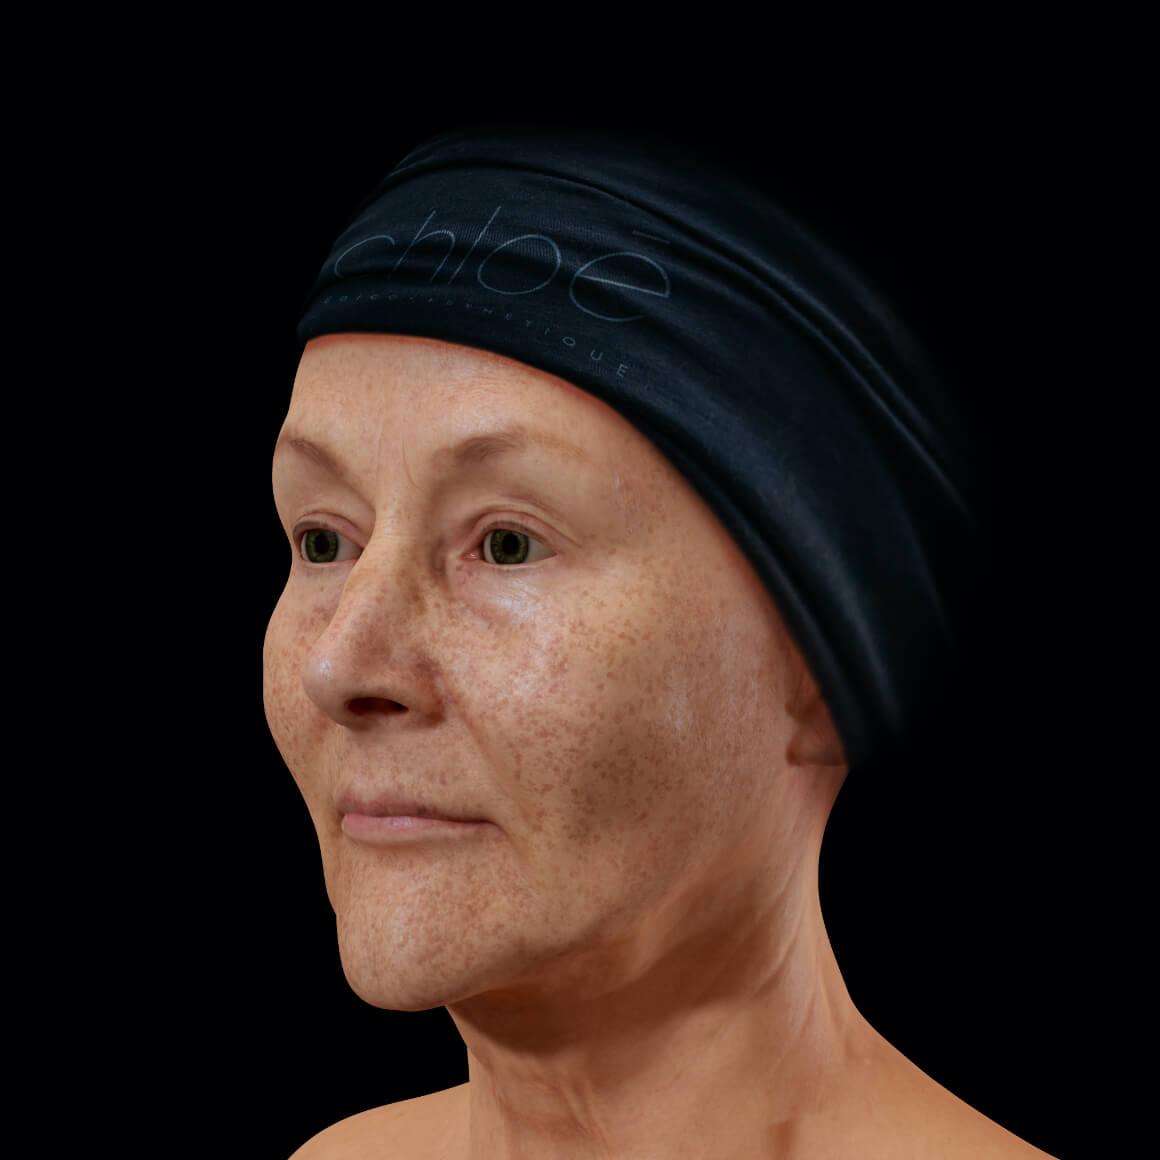 Patiente de la Clinique Chloé positionnée en angle démontrant des taches pigmentaires sur le visage entier